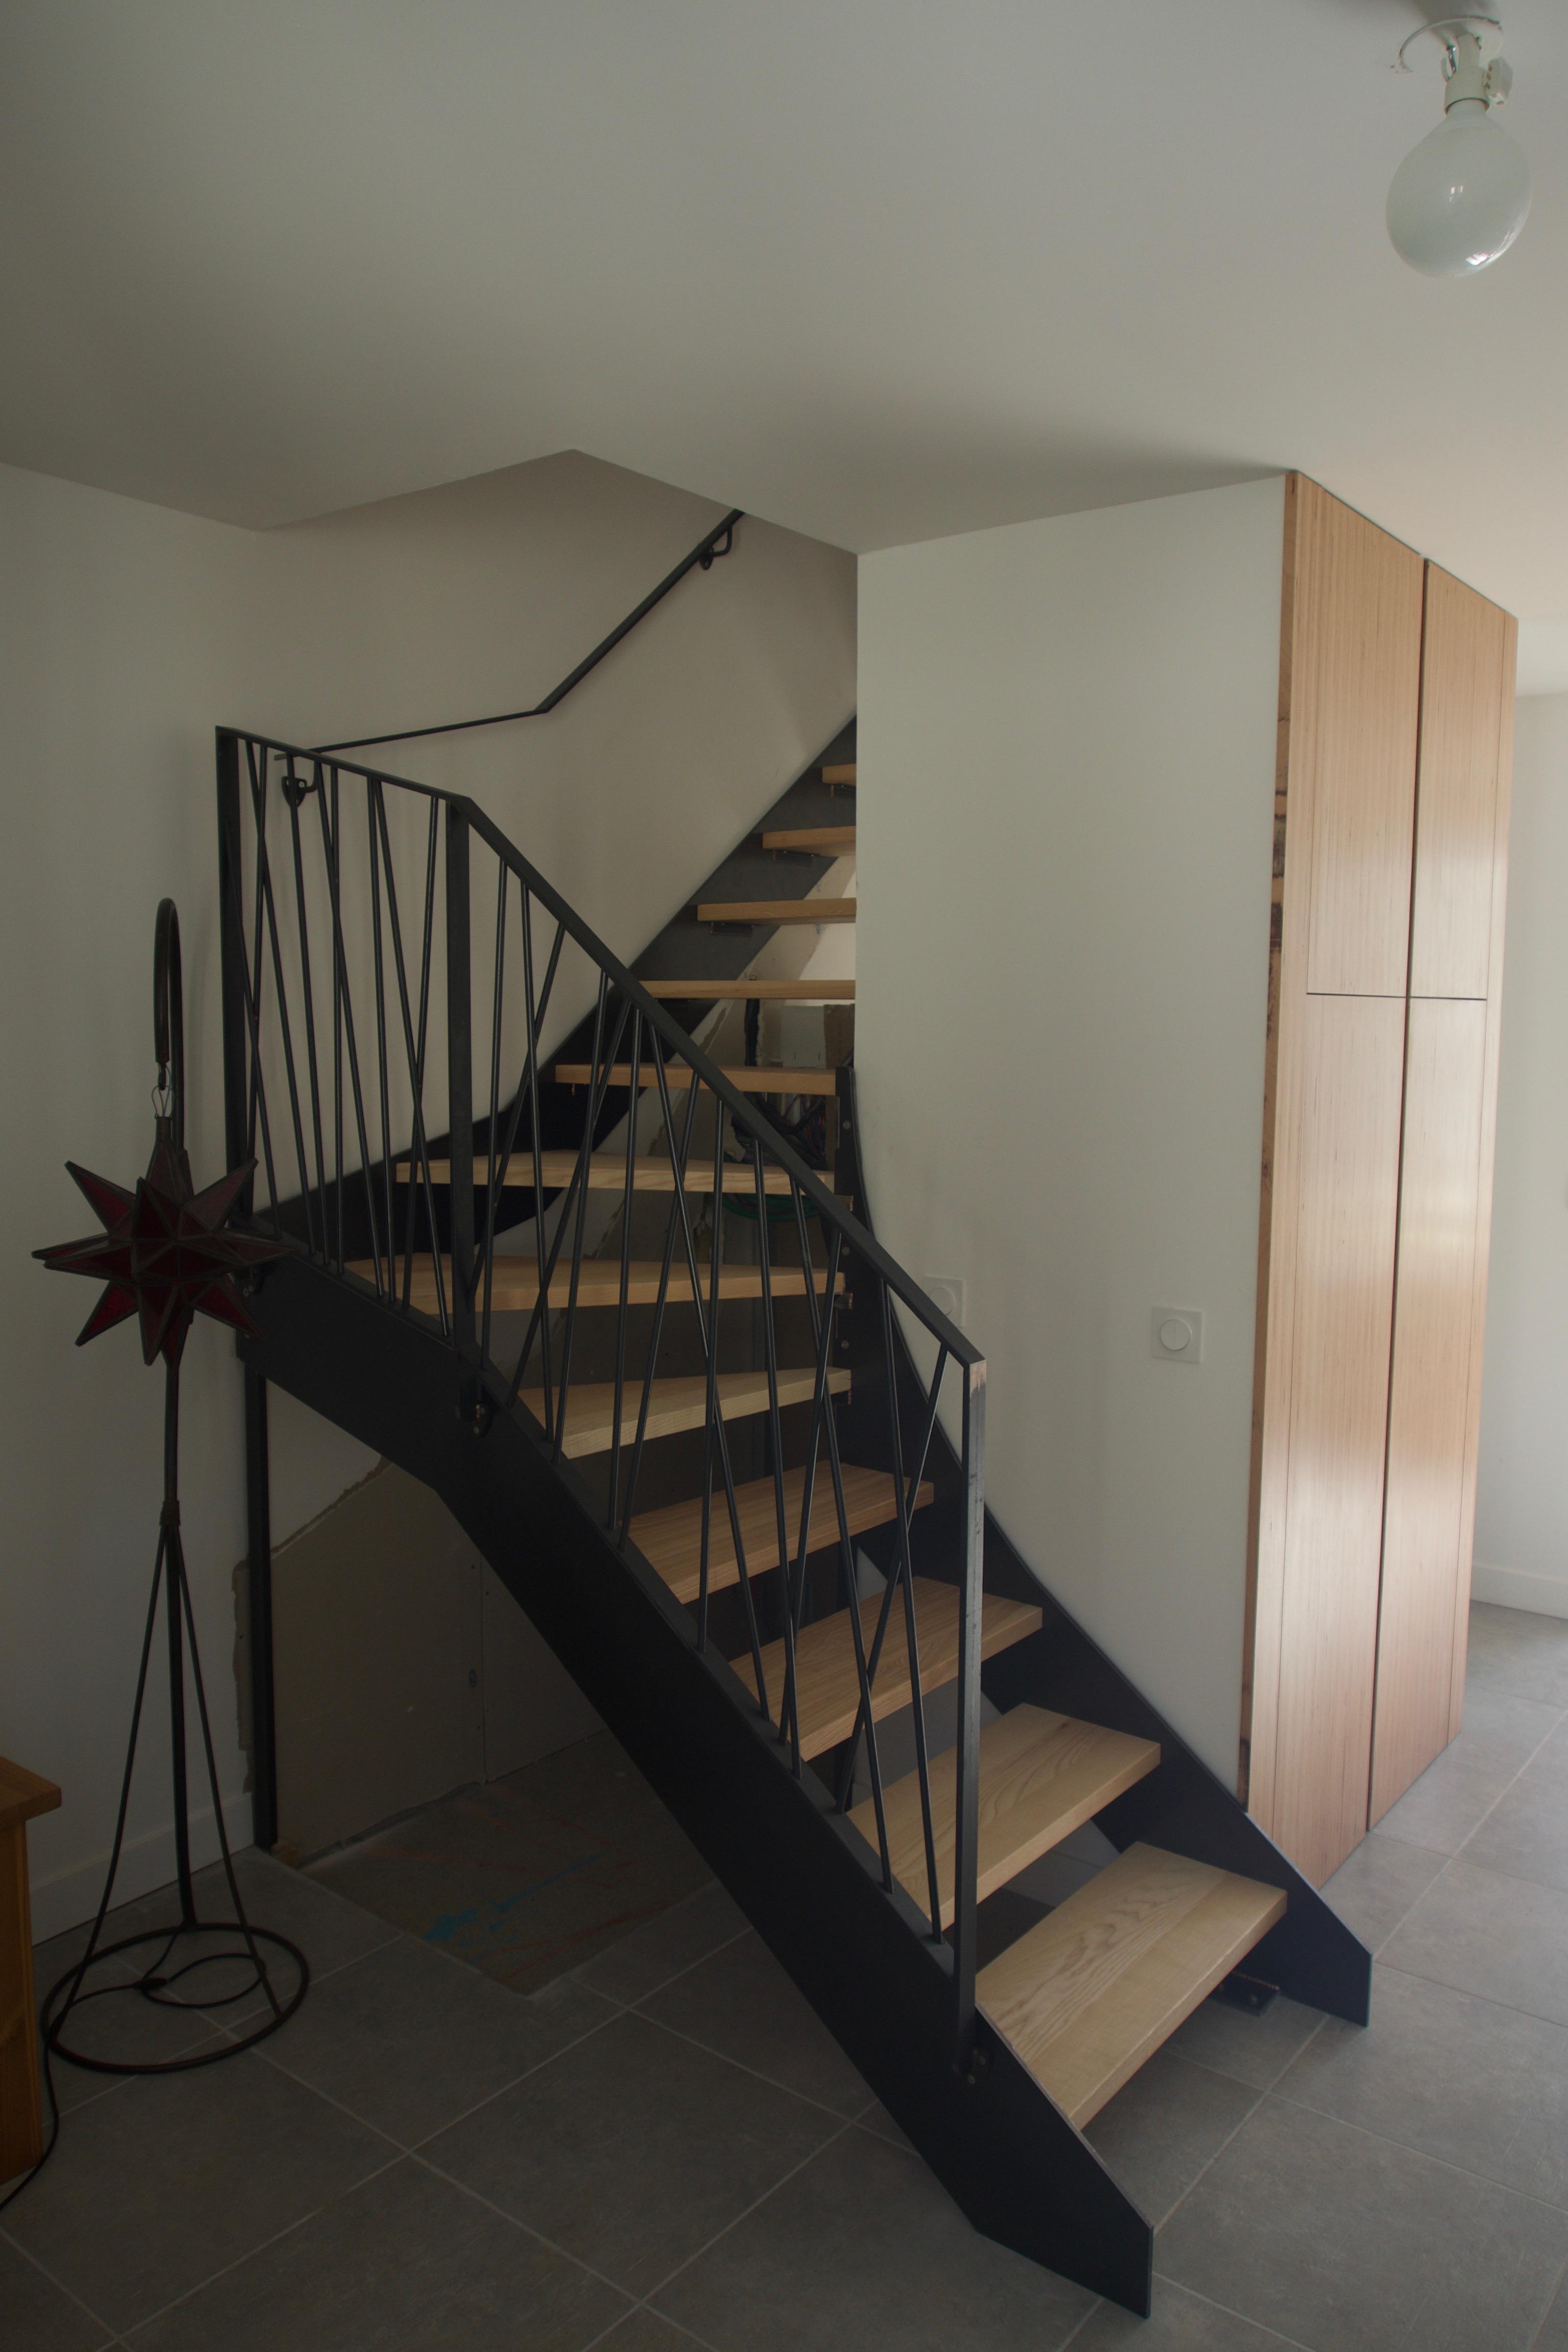 Escalier 1/4 tournant (Bois, Métal)